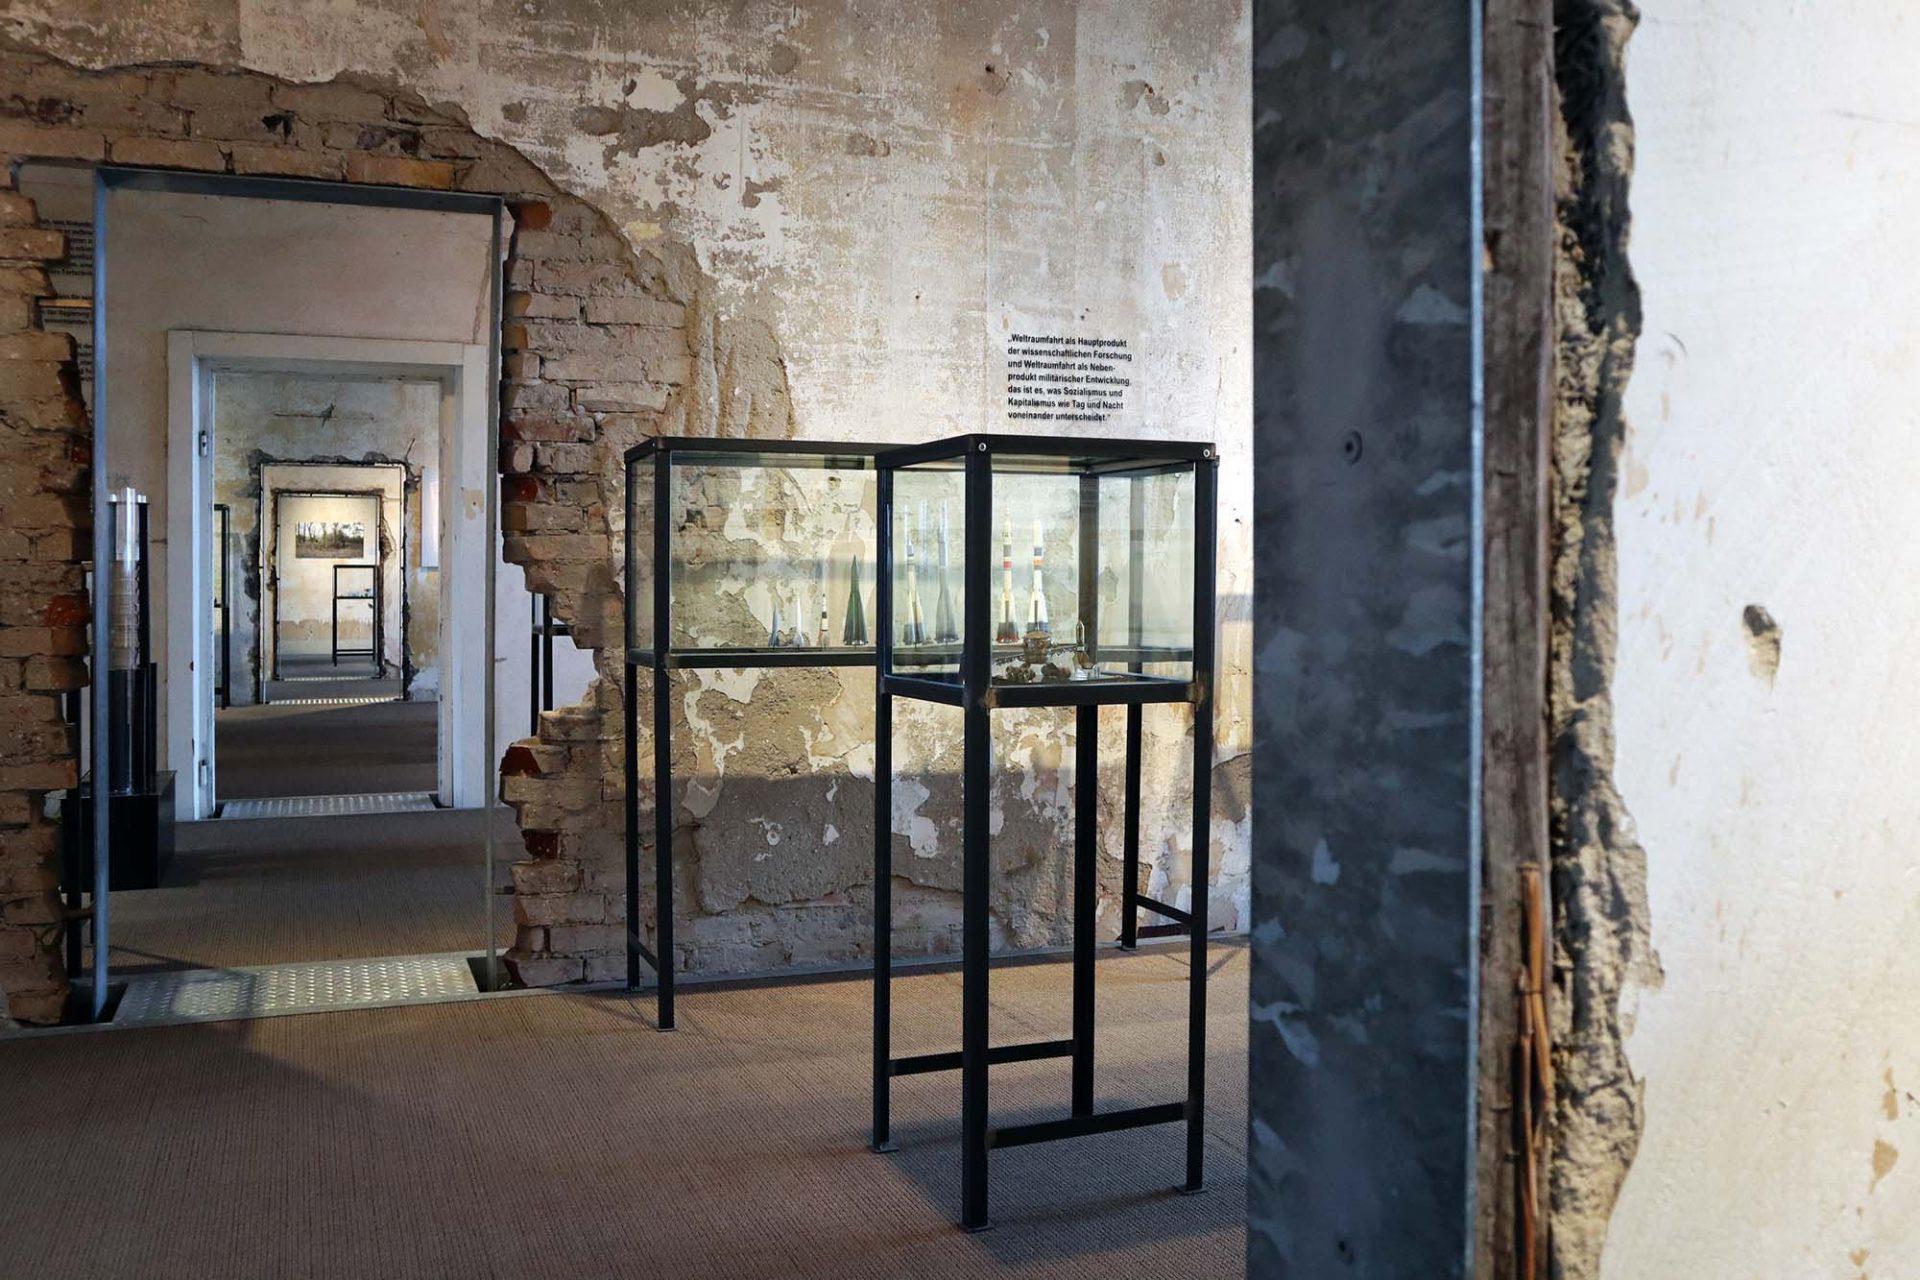 Historisch-Technisches Museum (HTM) Peenemünde. Die Restaurierung zeichnet sich durch den Verzicht auf leuchtende Farben und glänzende Oberflächen aus und den Erhalt der bestehenden Strukturen.